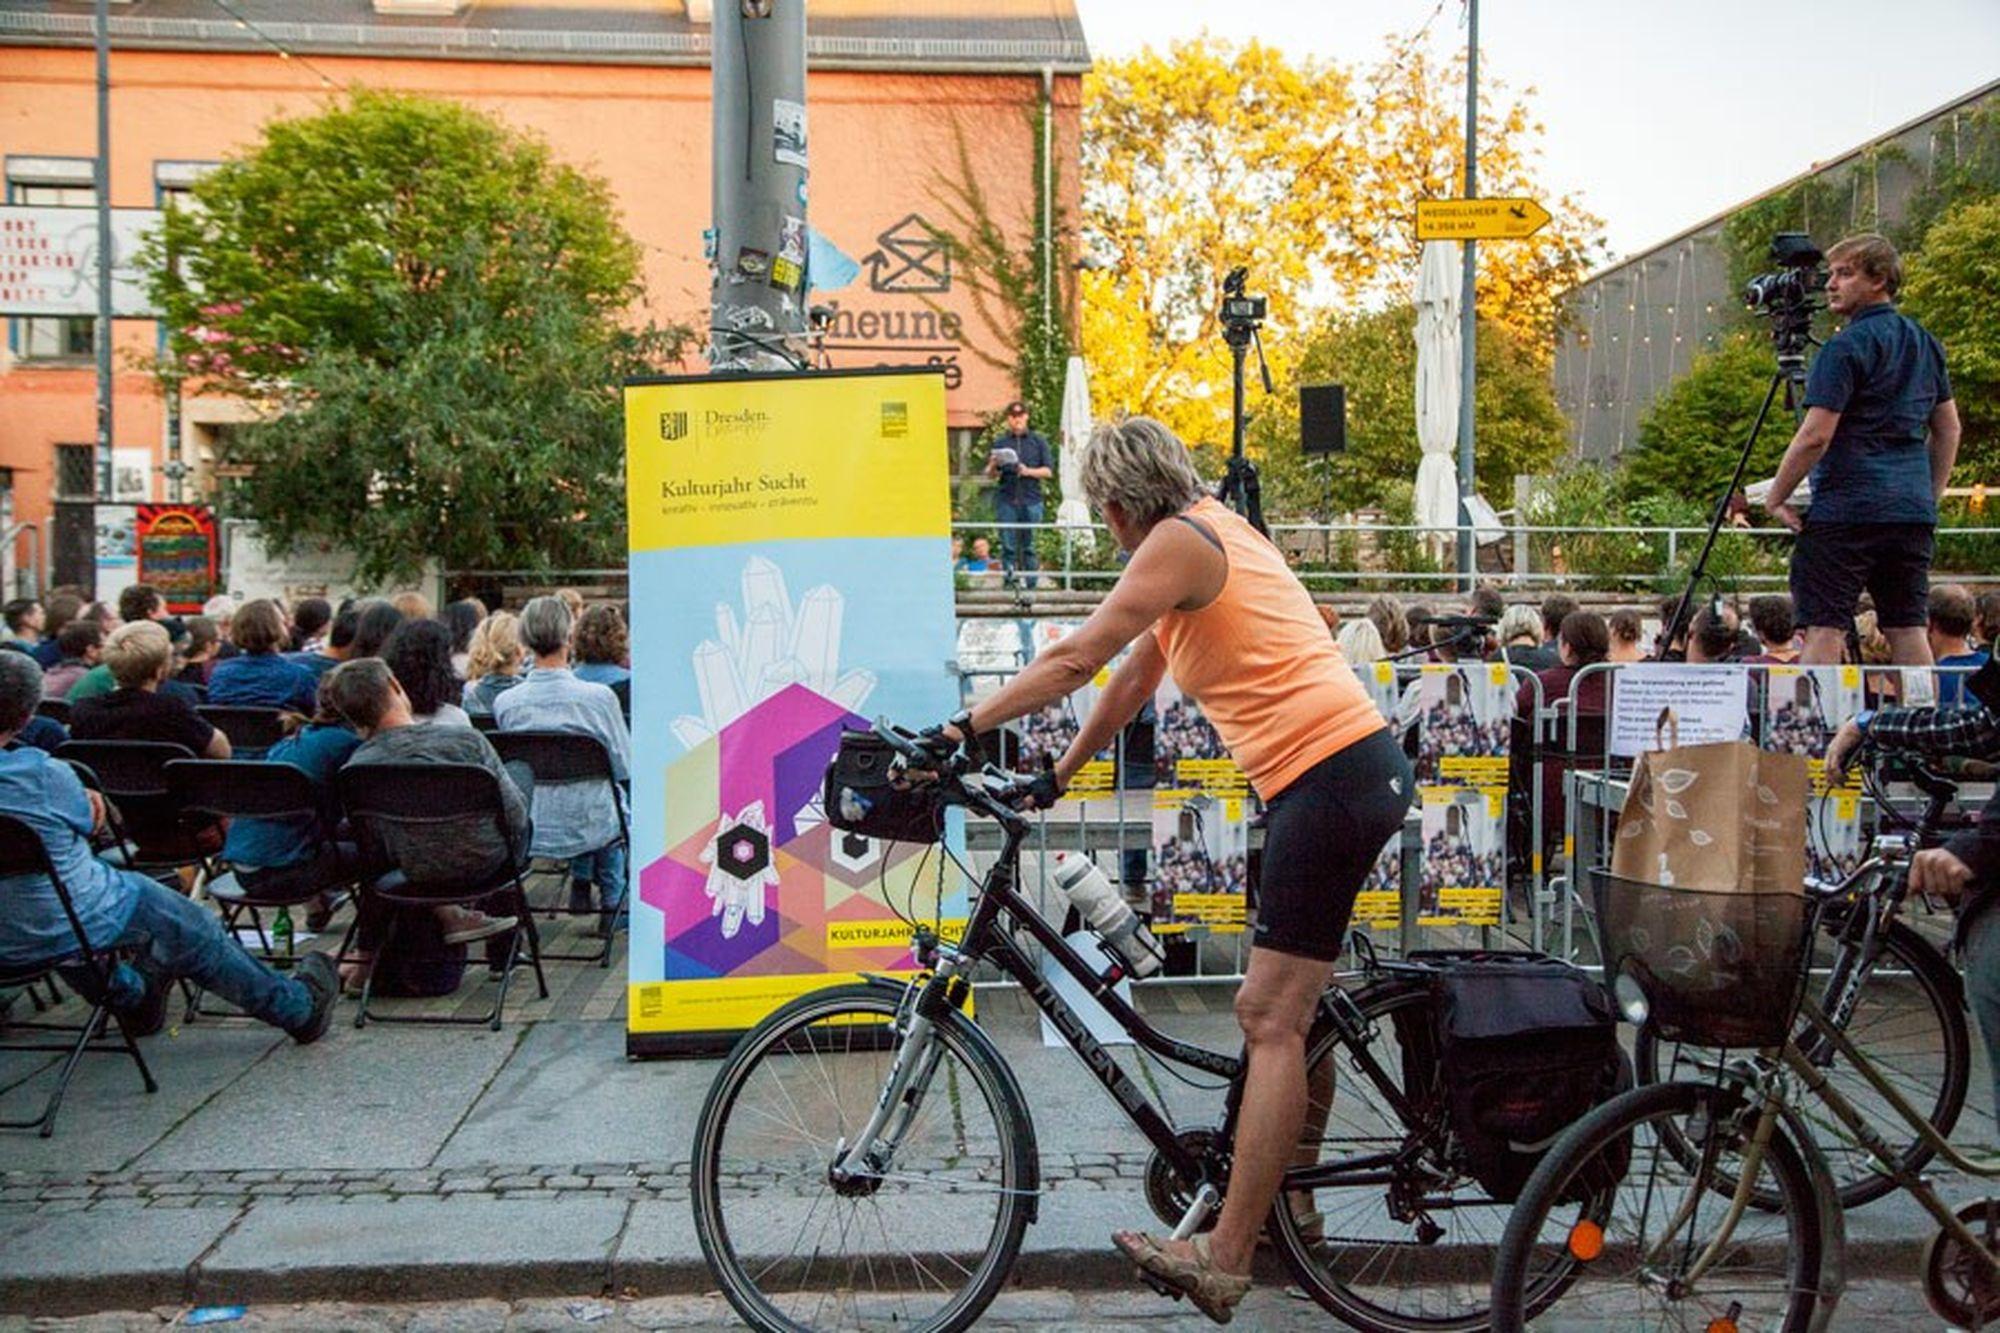 Kulturjahr Sucht 2018, Poetry Slam vor der Scheune. Foto: Edyta Szczepanska